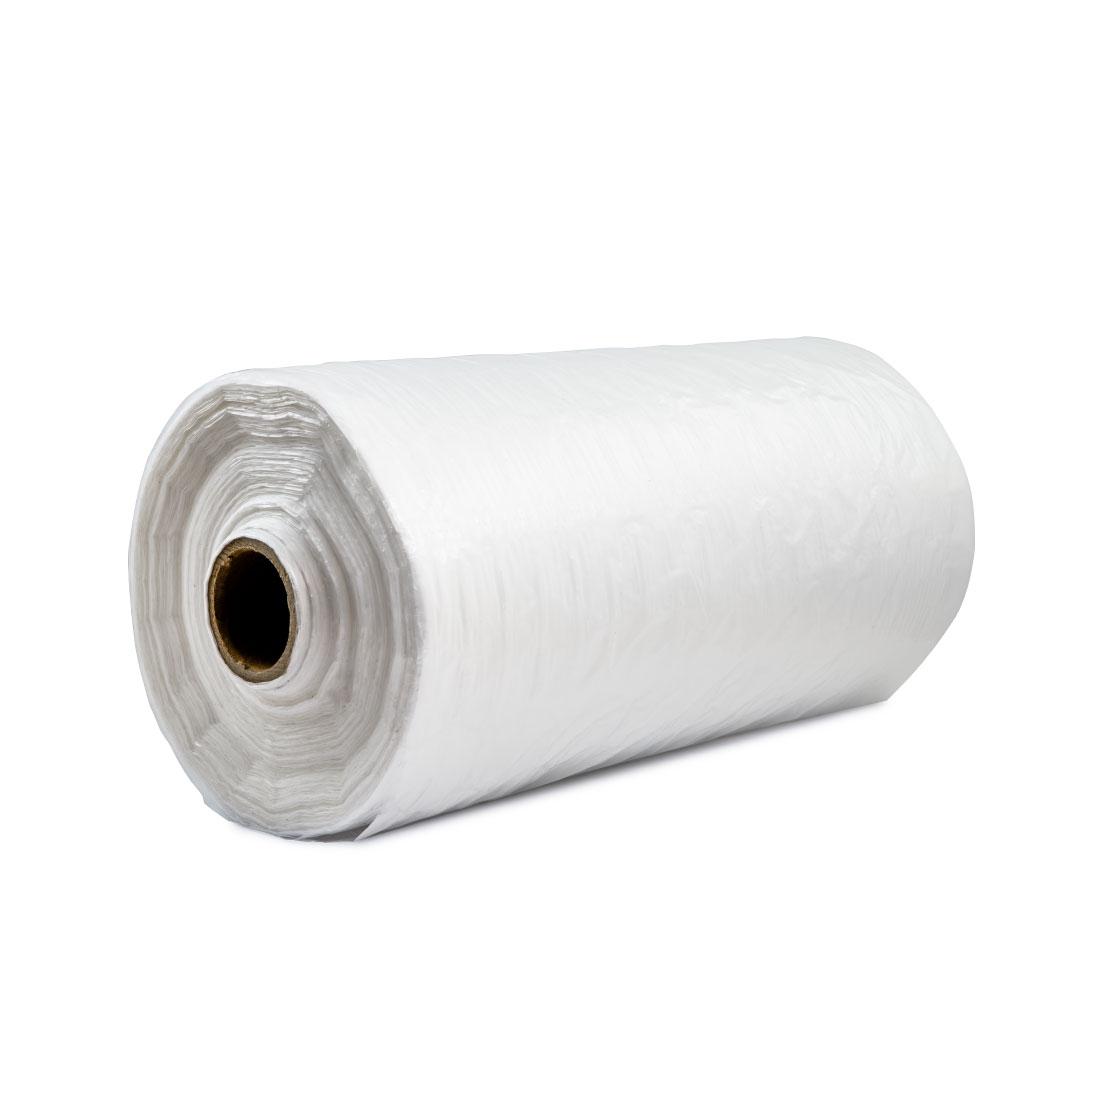 HDPE fólie pro výrobu vzduchových polštářků 325x380mm   450m bublinky d42c1098f4